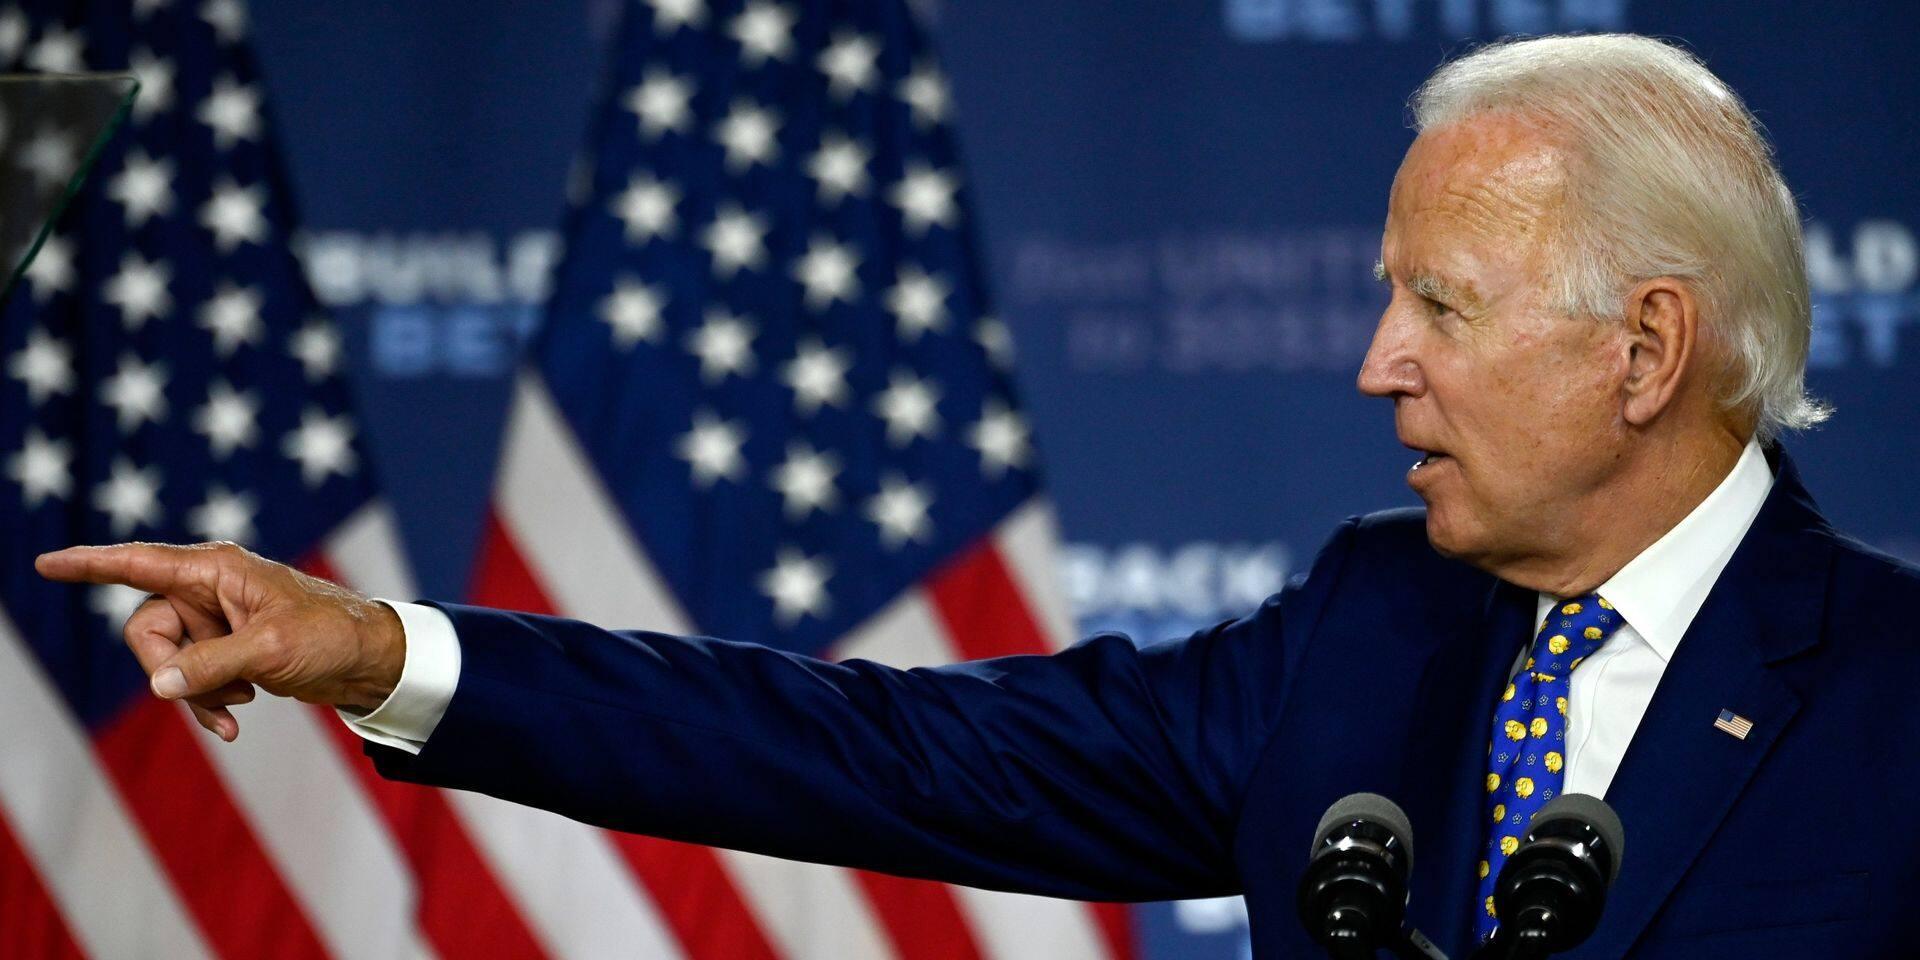 Biden forcé de s'expliquer auprès des Américains noirs, Trump jubile